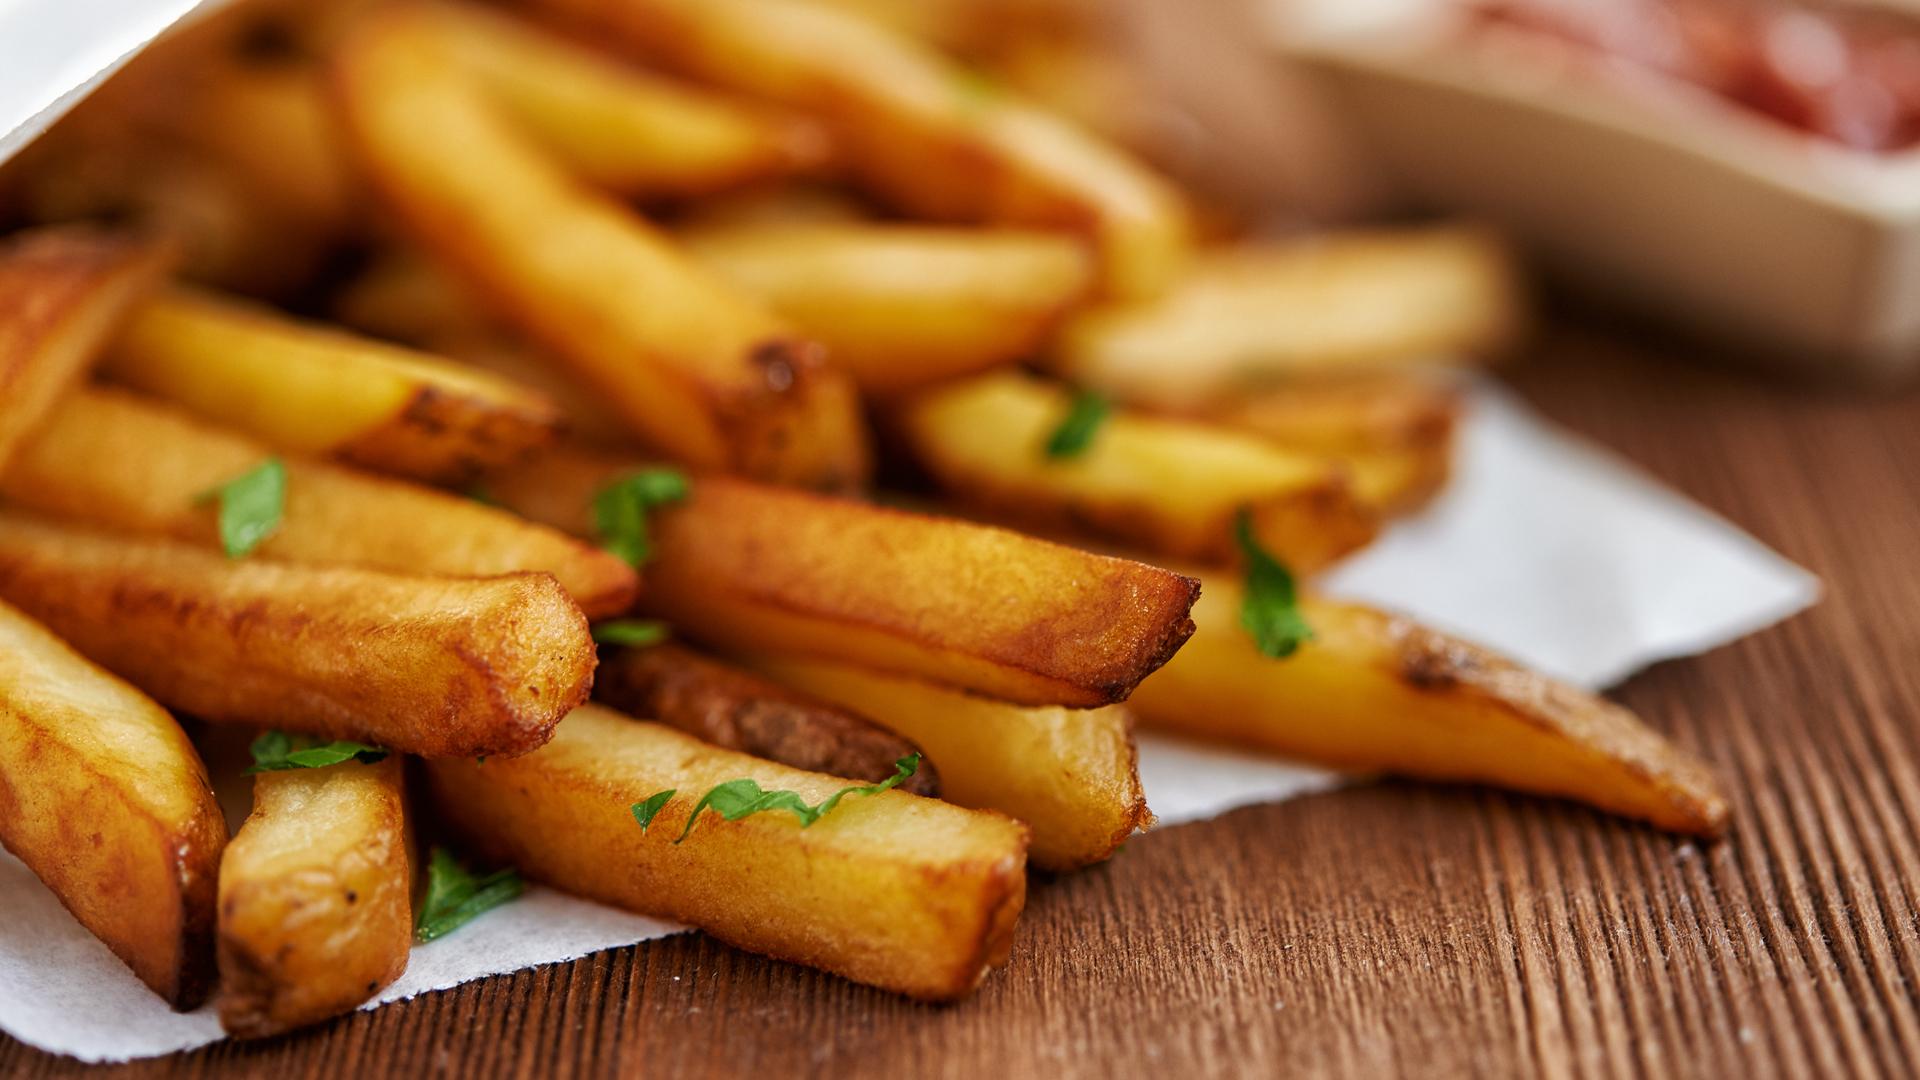 Para que sean más saludables, las papas pueden prepararse en el horno (iStock)